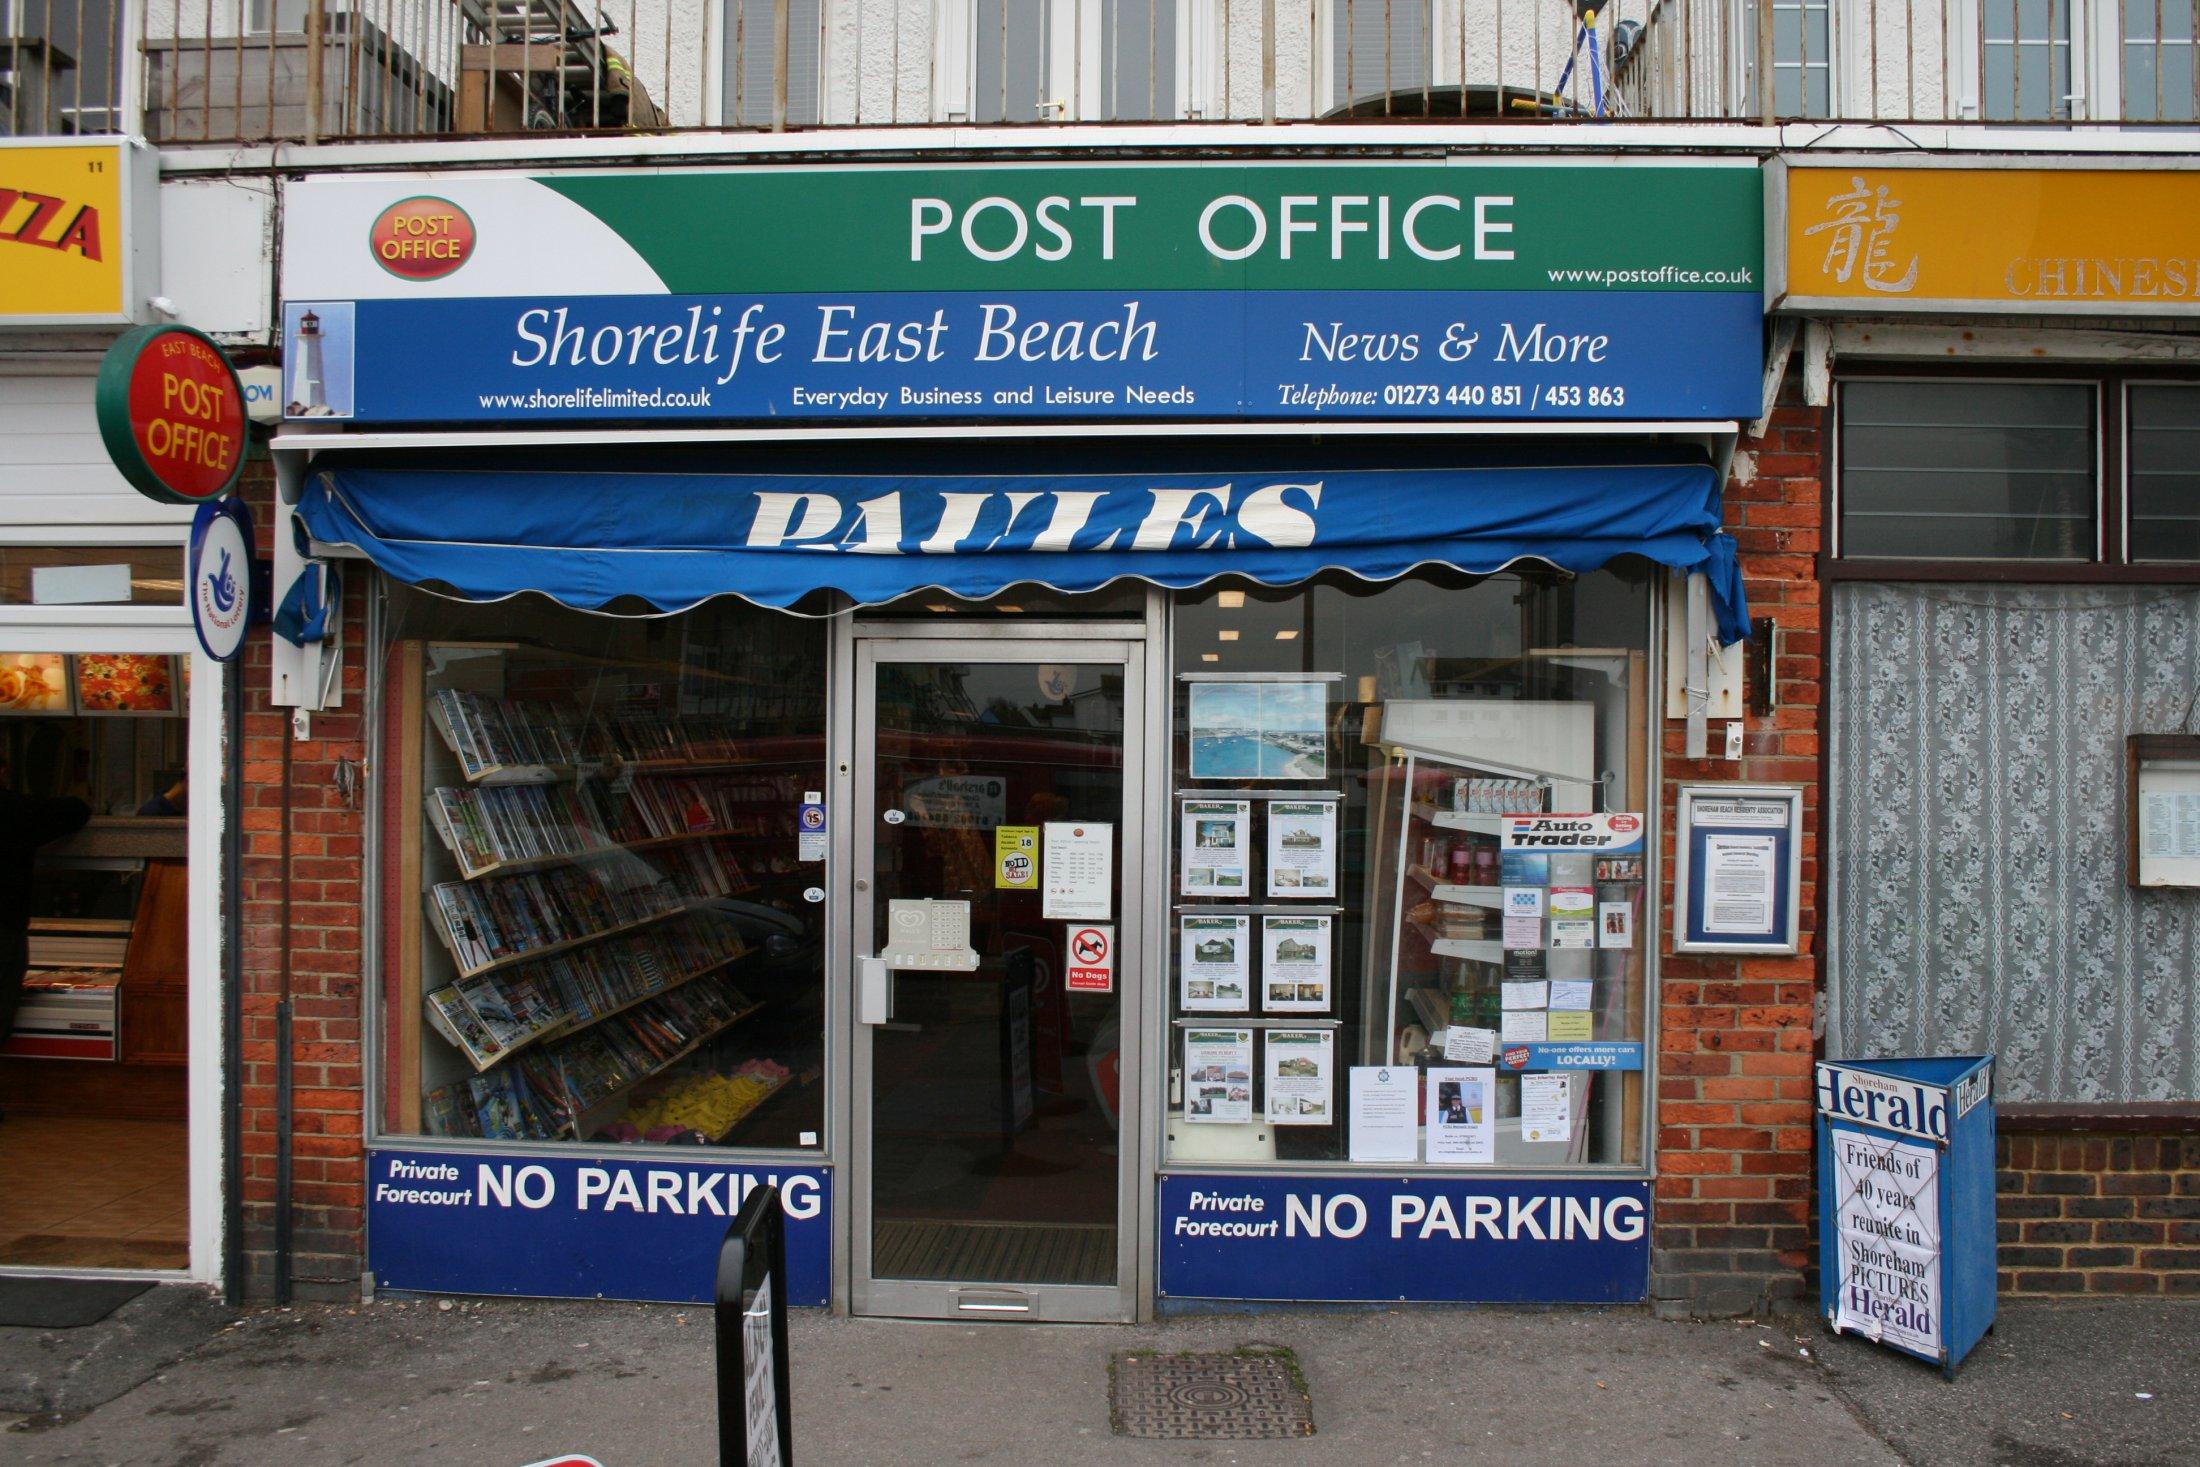 13 East Beach Post Office (2)